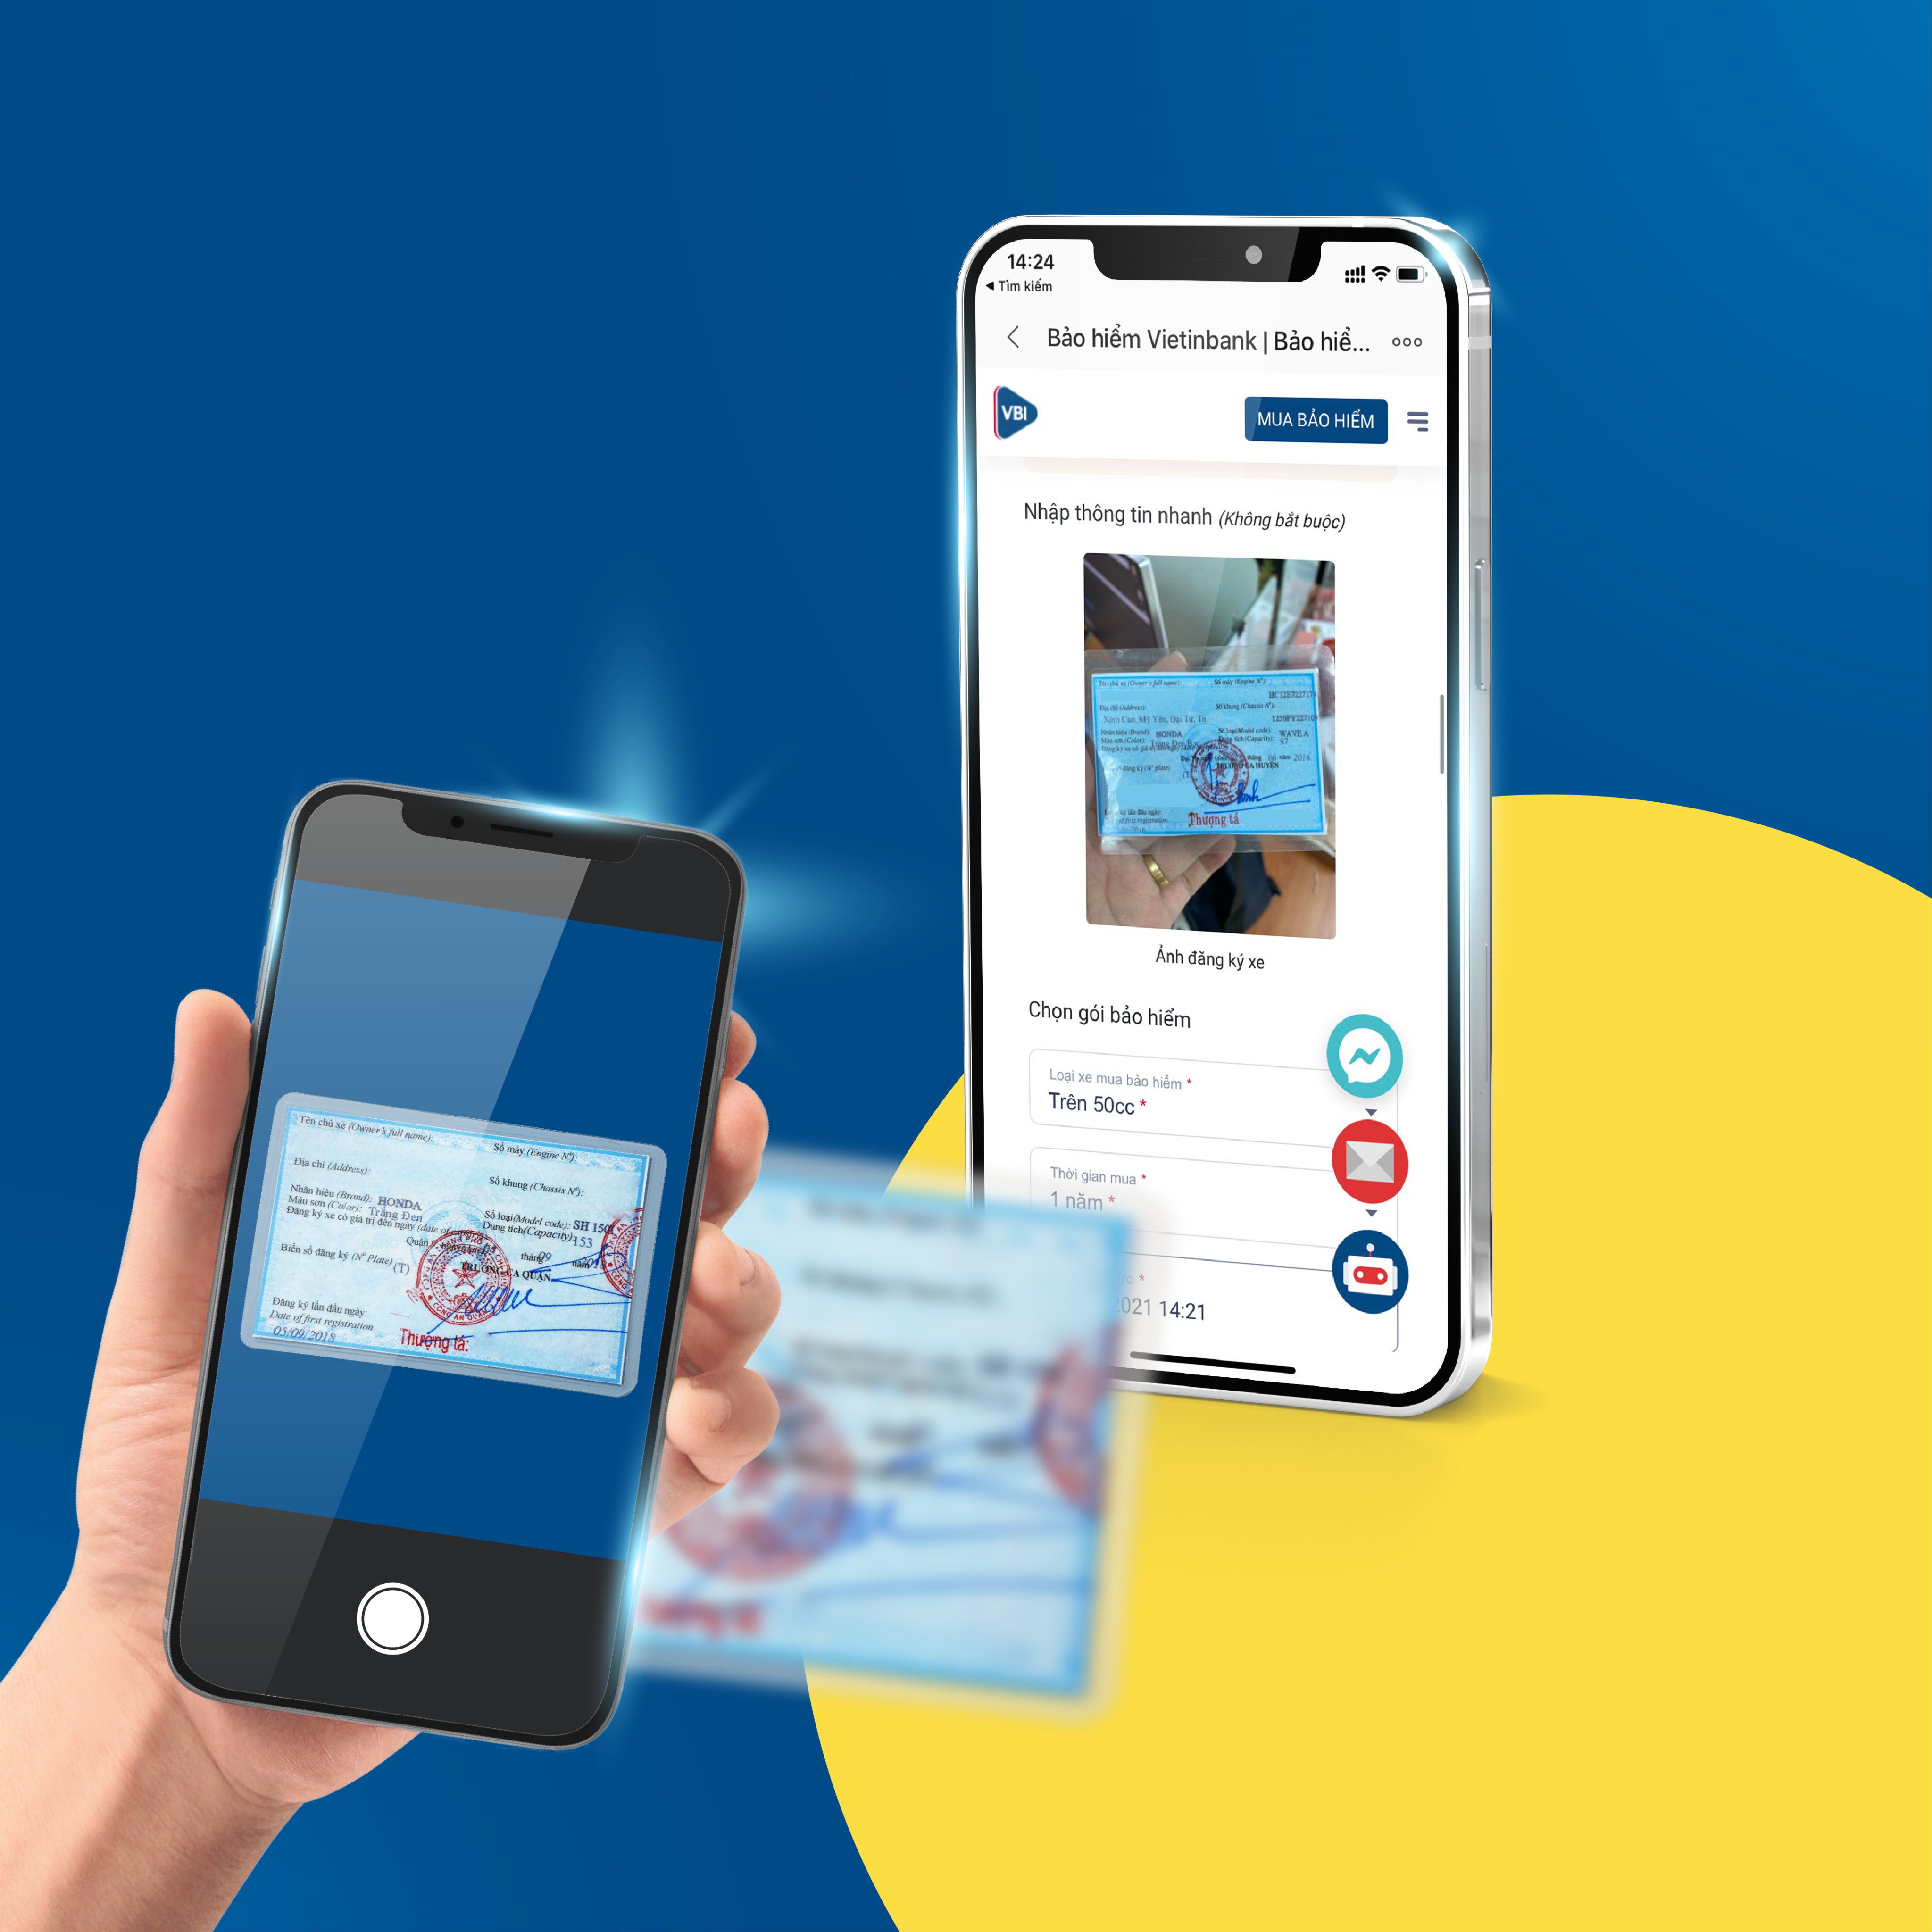 Bảo hiểm VietinBank chú trọng nâng cao trải nghiệm khách hàng